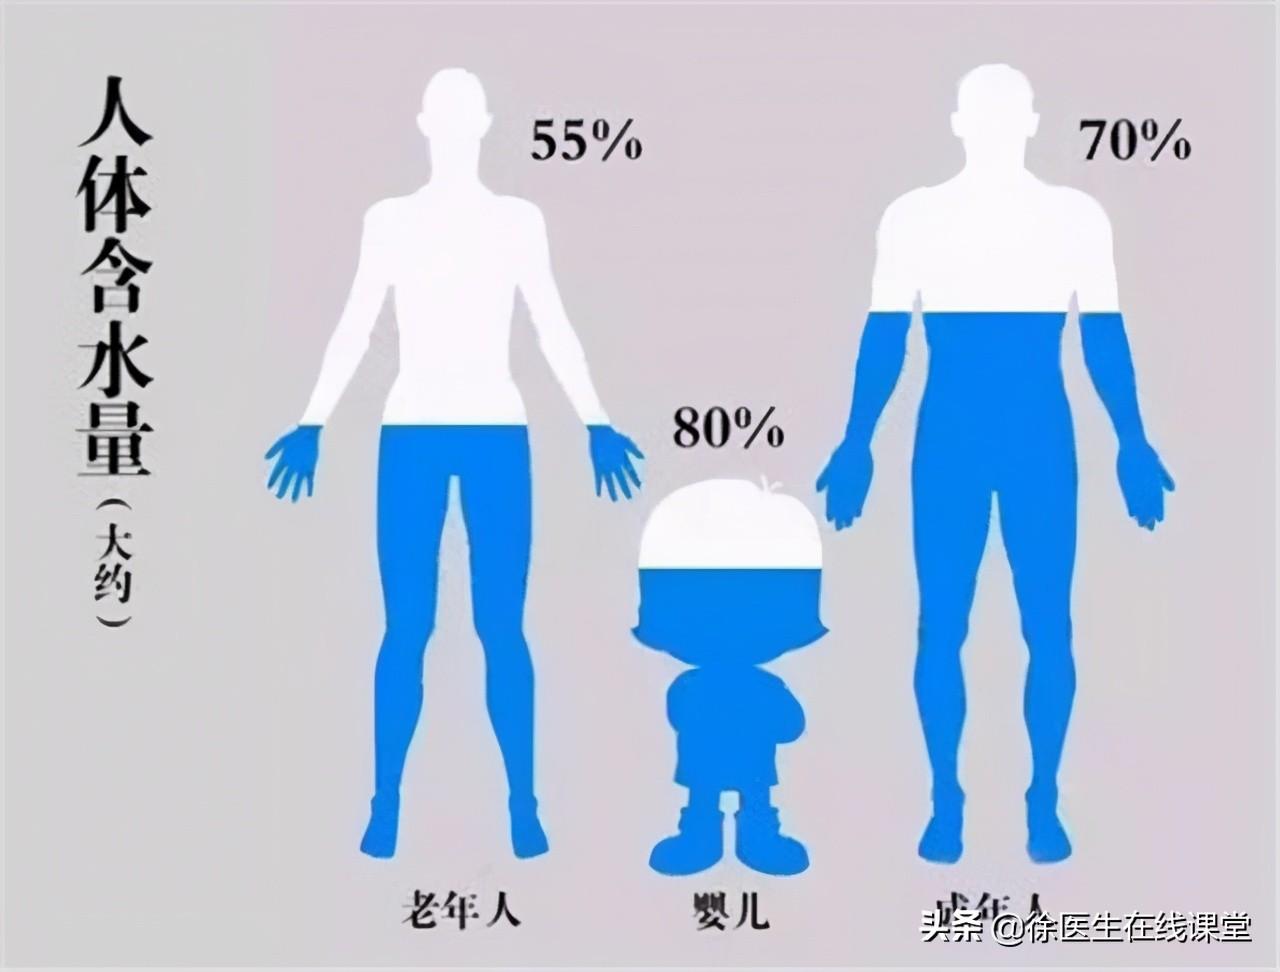 喝水越多对肾脏的损害就越大?怎么喝水才不伤肾,听听医生怎么说